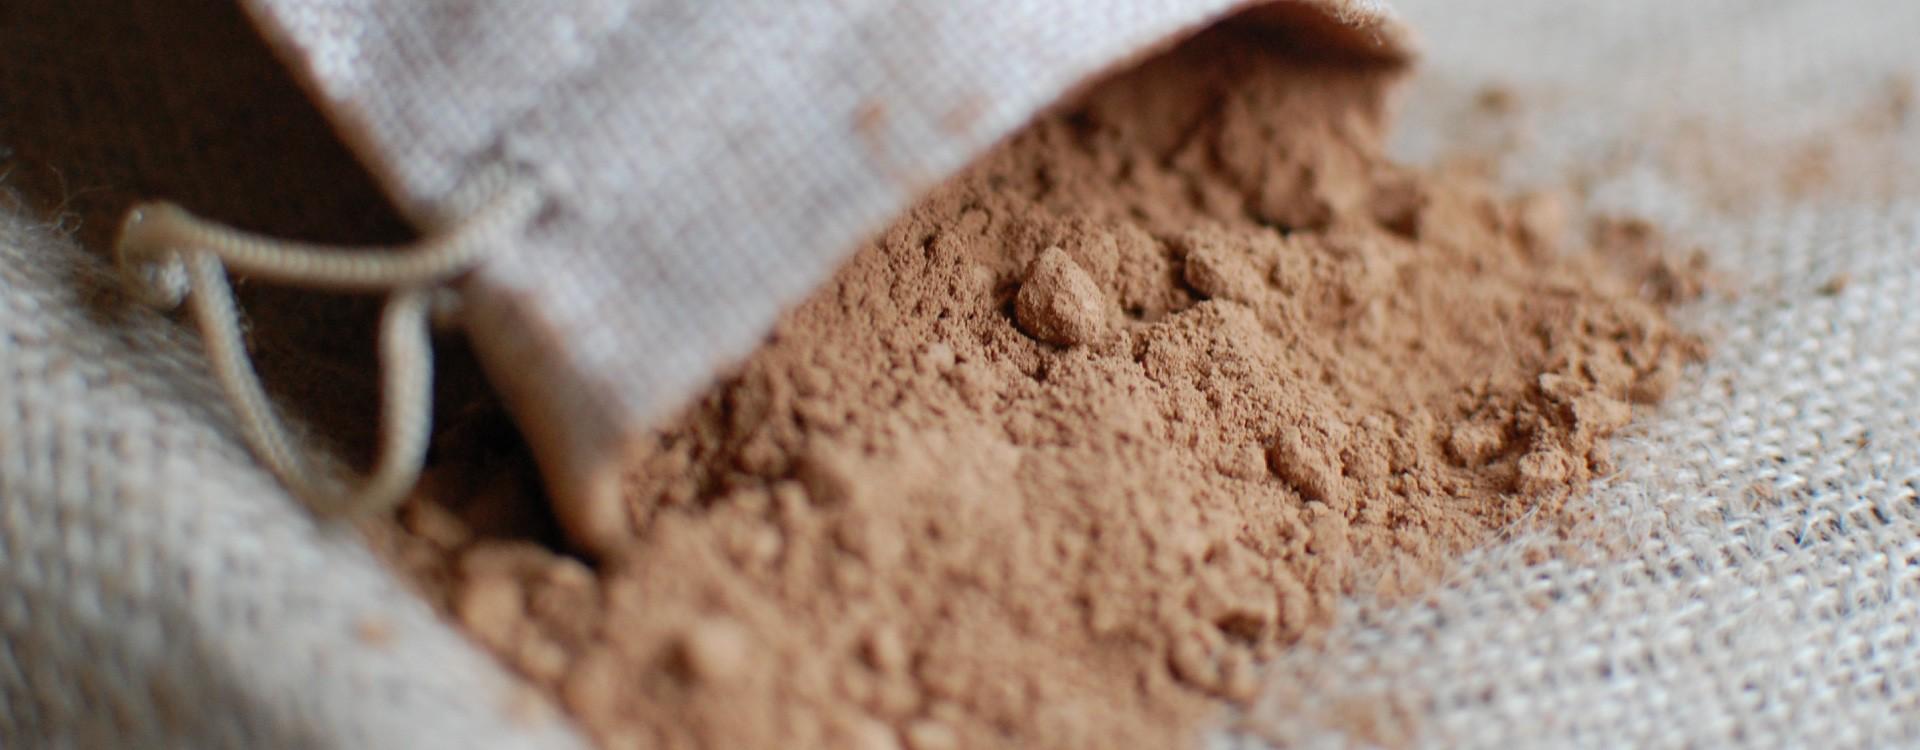 Co vlastně je a jak se vyrábí kakaový prášek